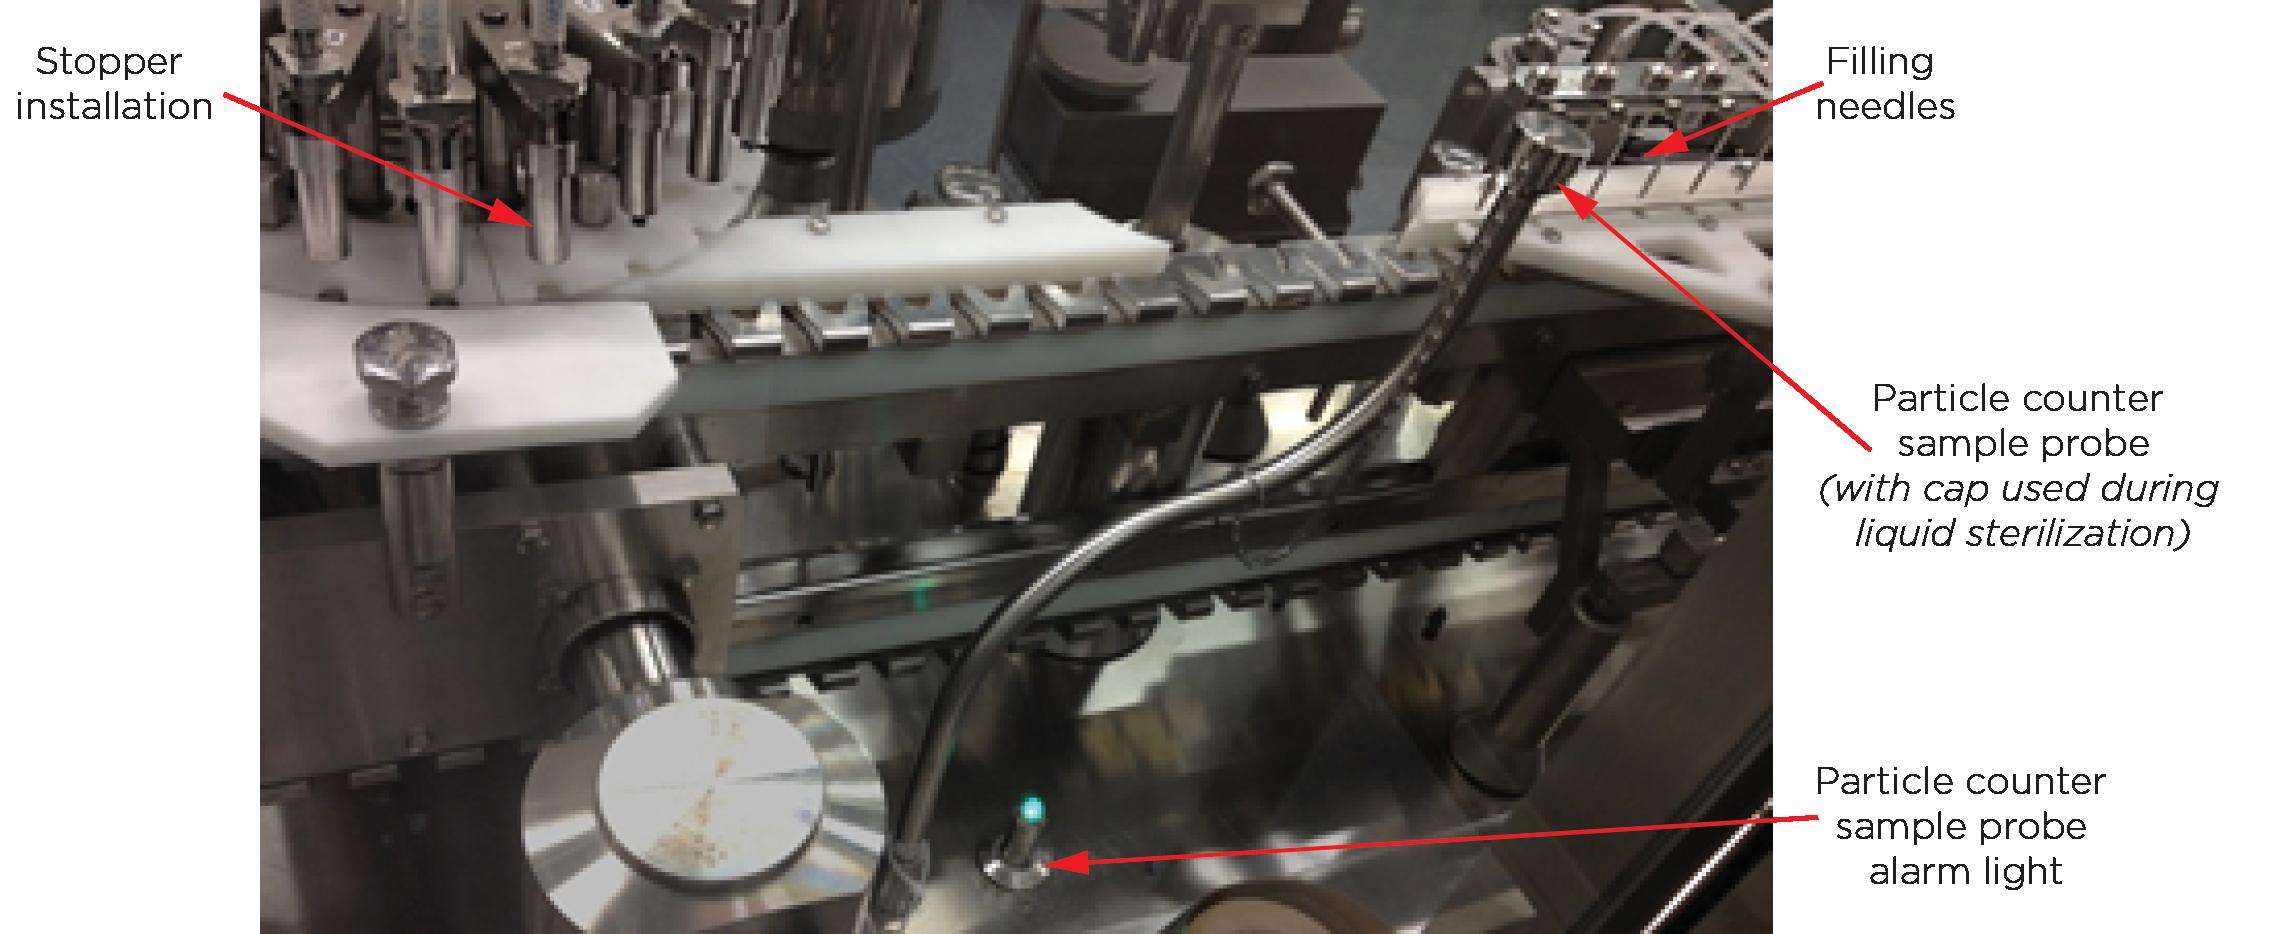 Instalación permanente del contador de partículas en línea para muestreo continuo durante el llenado. El sensor está instalado fuera del Grado A/B, dentro del equipo de llenado